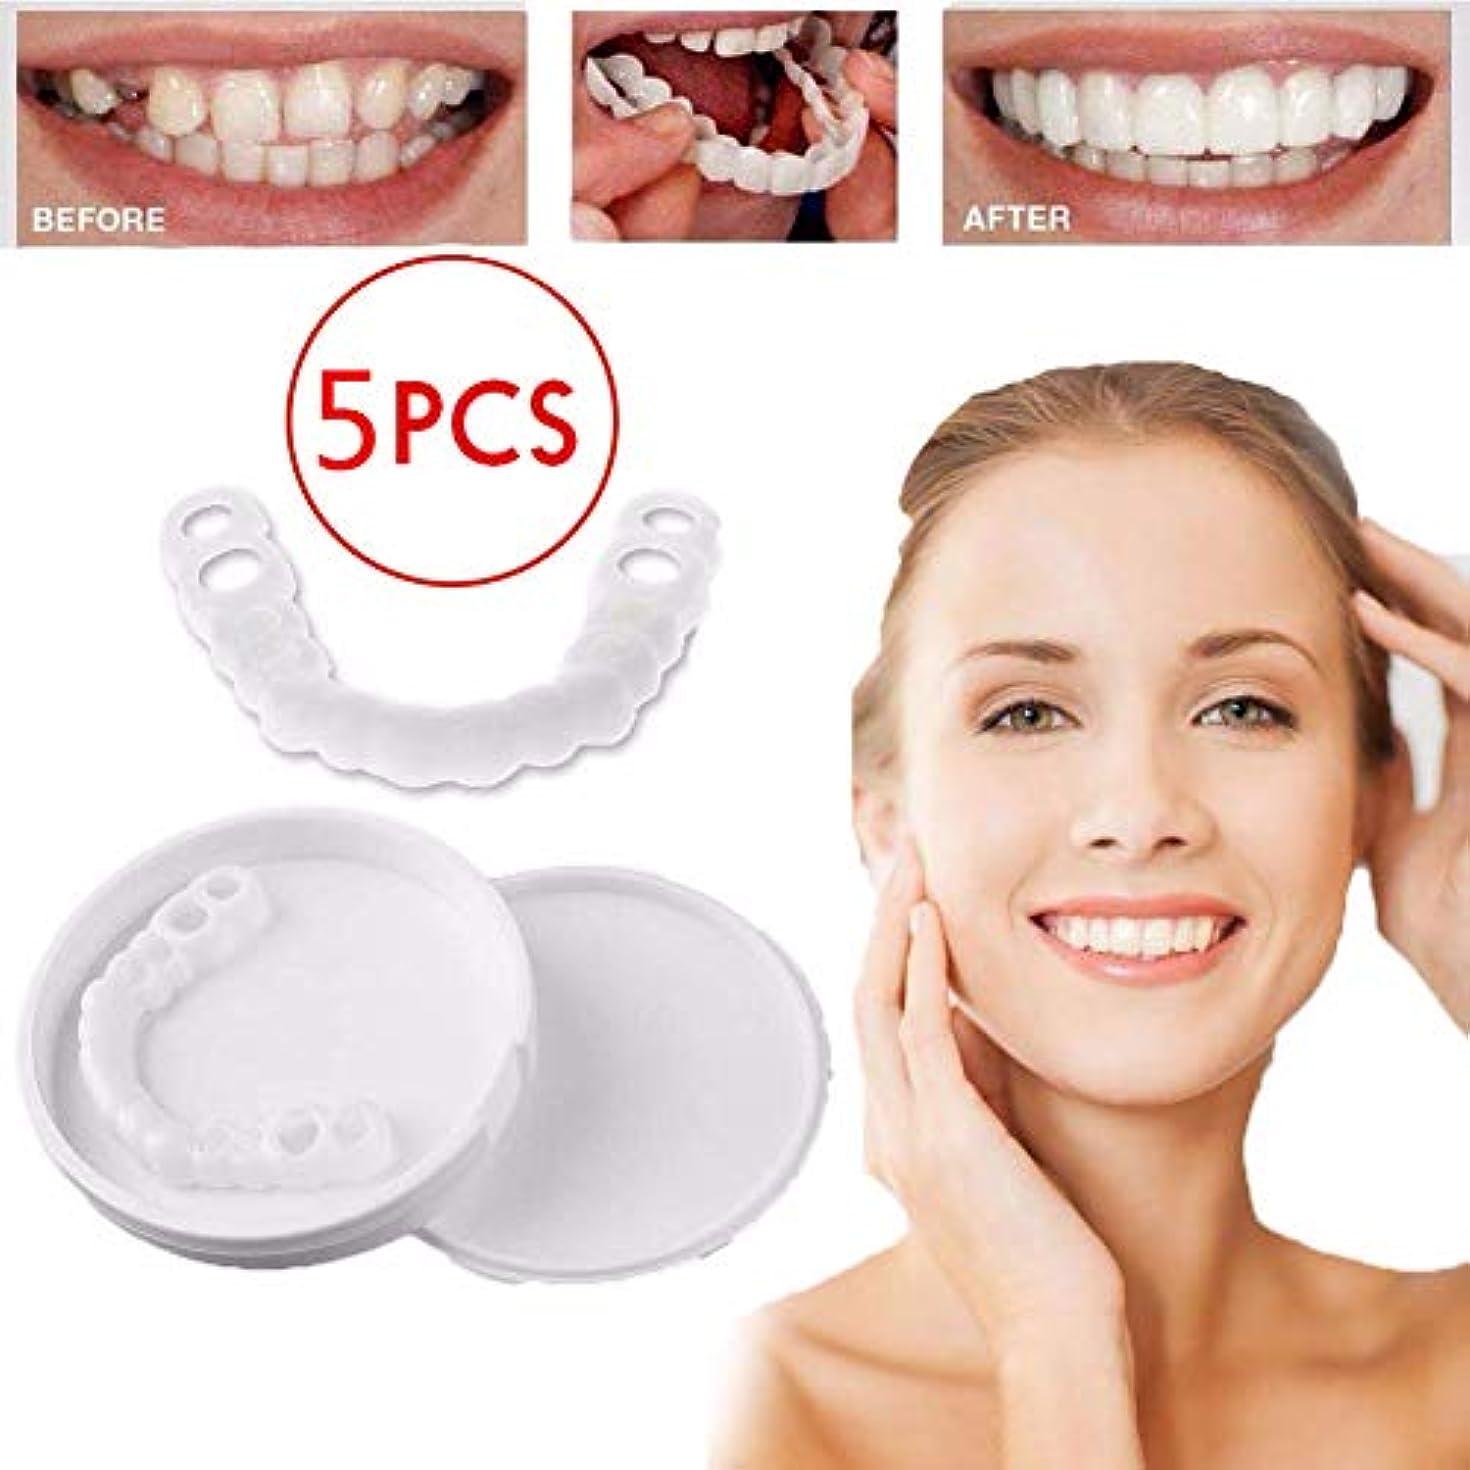 電池ミリメートル庭園インスタント快適なフレックスパーフェクトベニアの歯のスナップキャップを白くする6個の一時的な歯,5pcslowerteeth